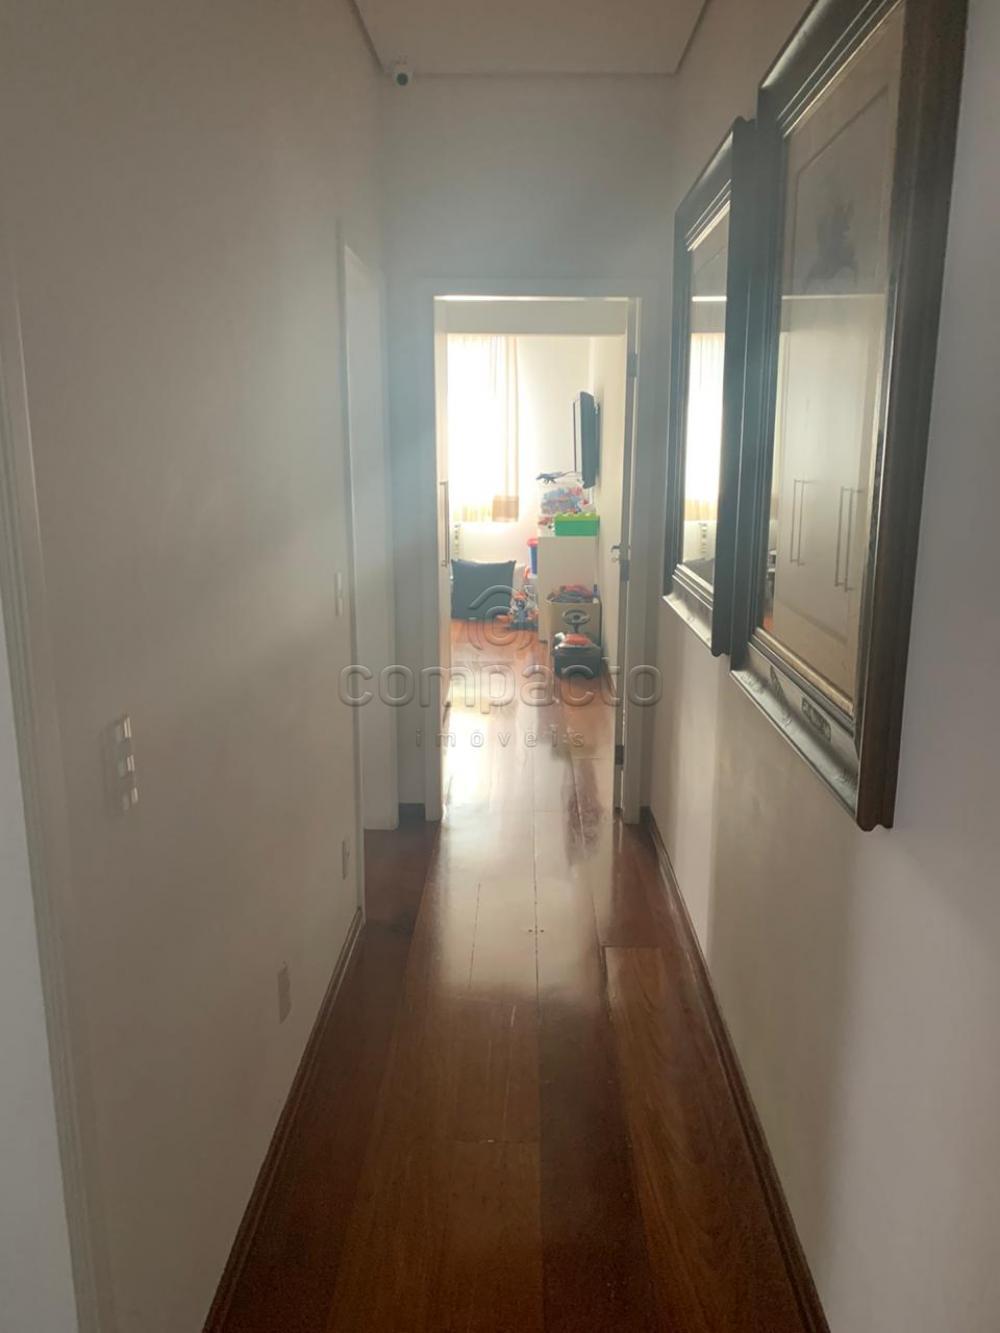 Comprar Apartamento / Padrão em São José do Rio Preto apenas R$ 899.000,00 - Foto 6